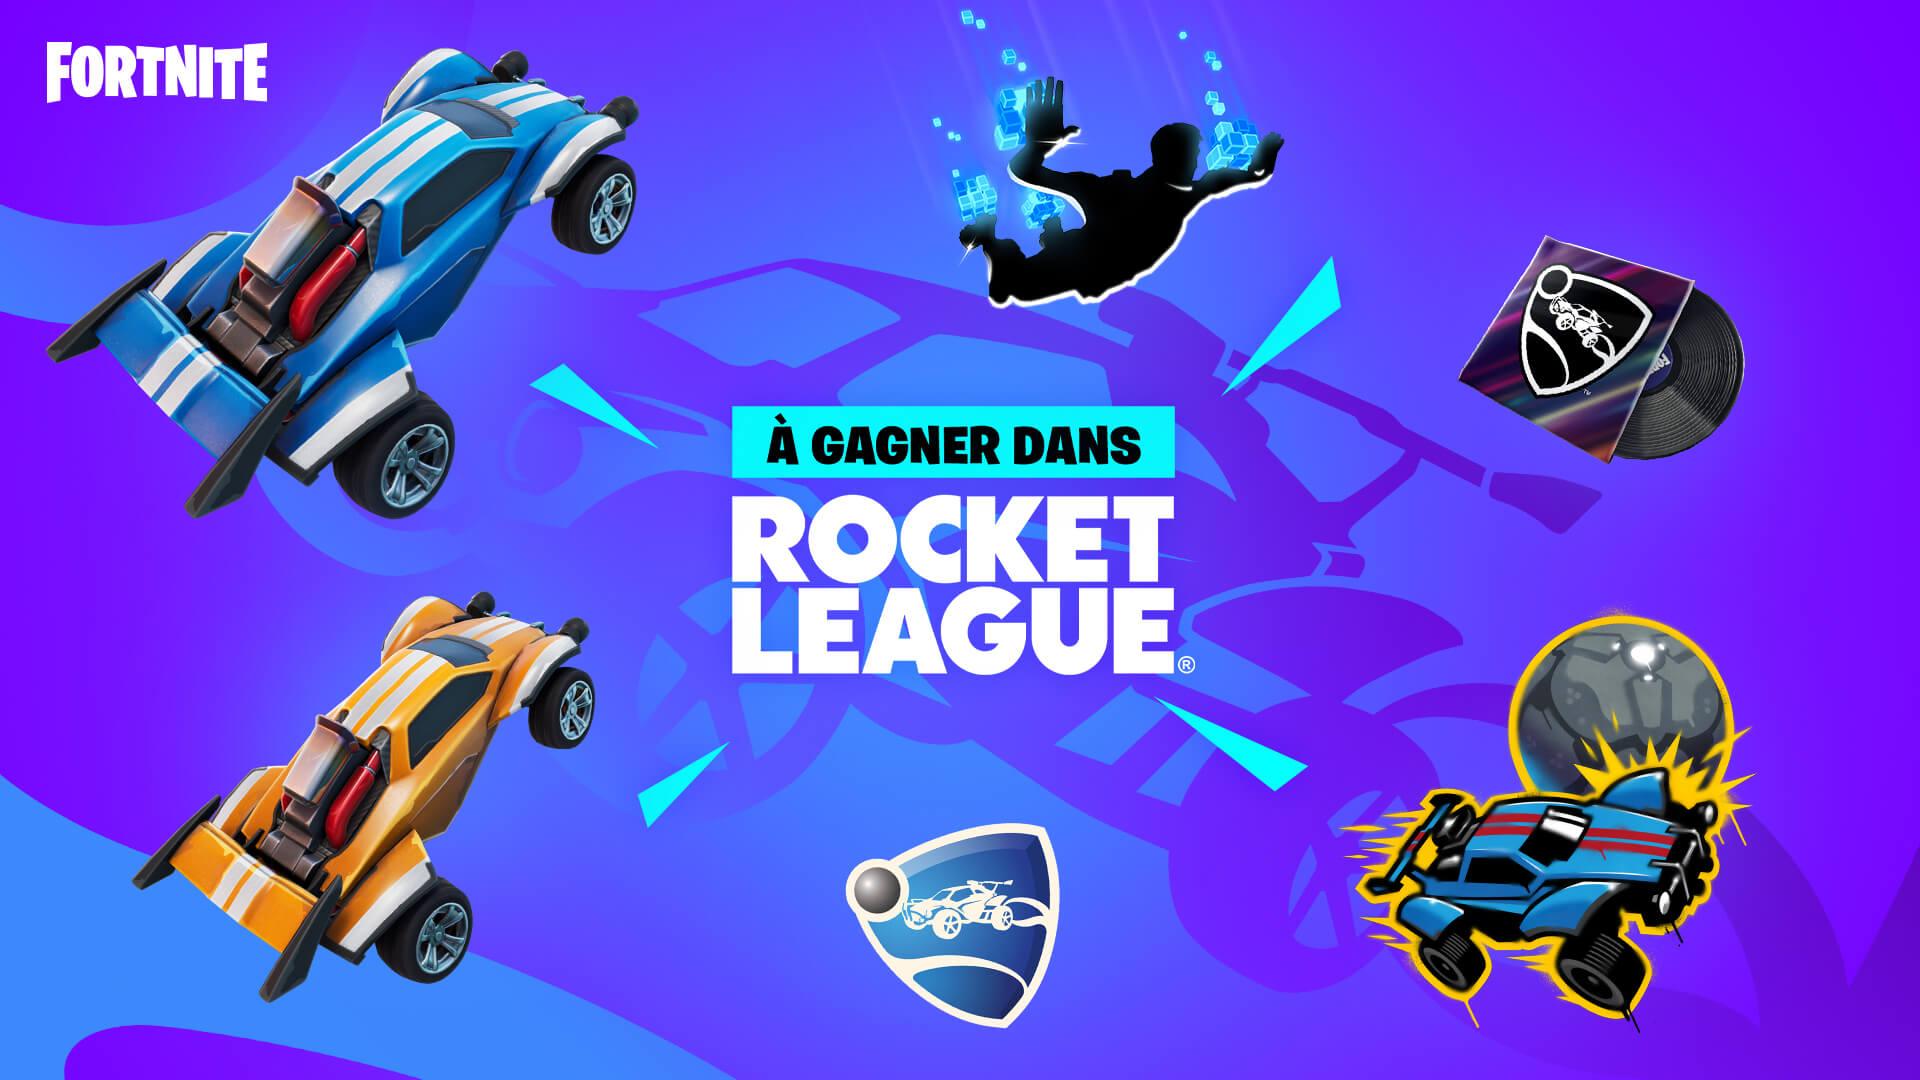 defis-rocket-league-accessoires-recompenses